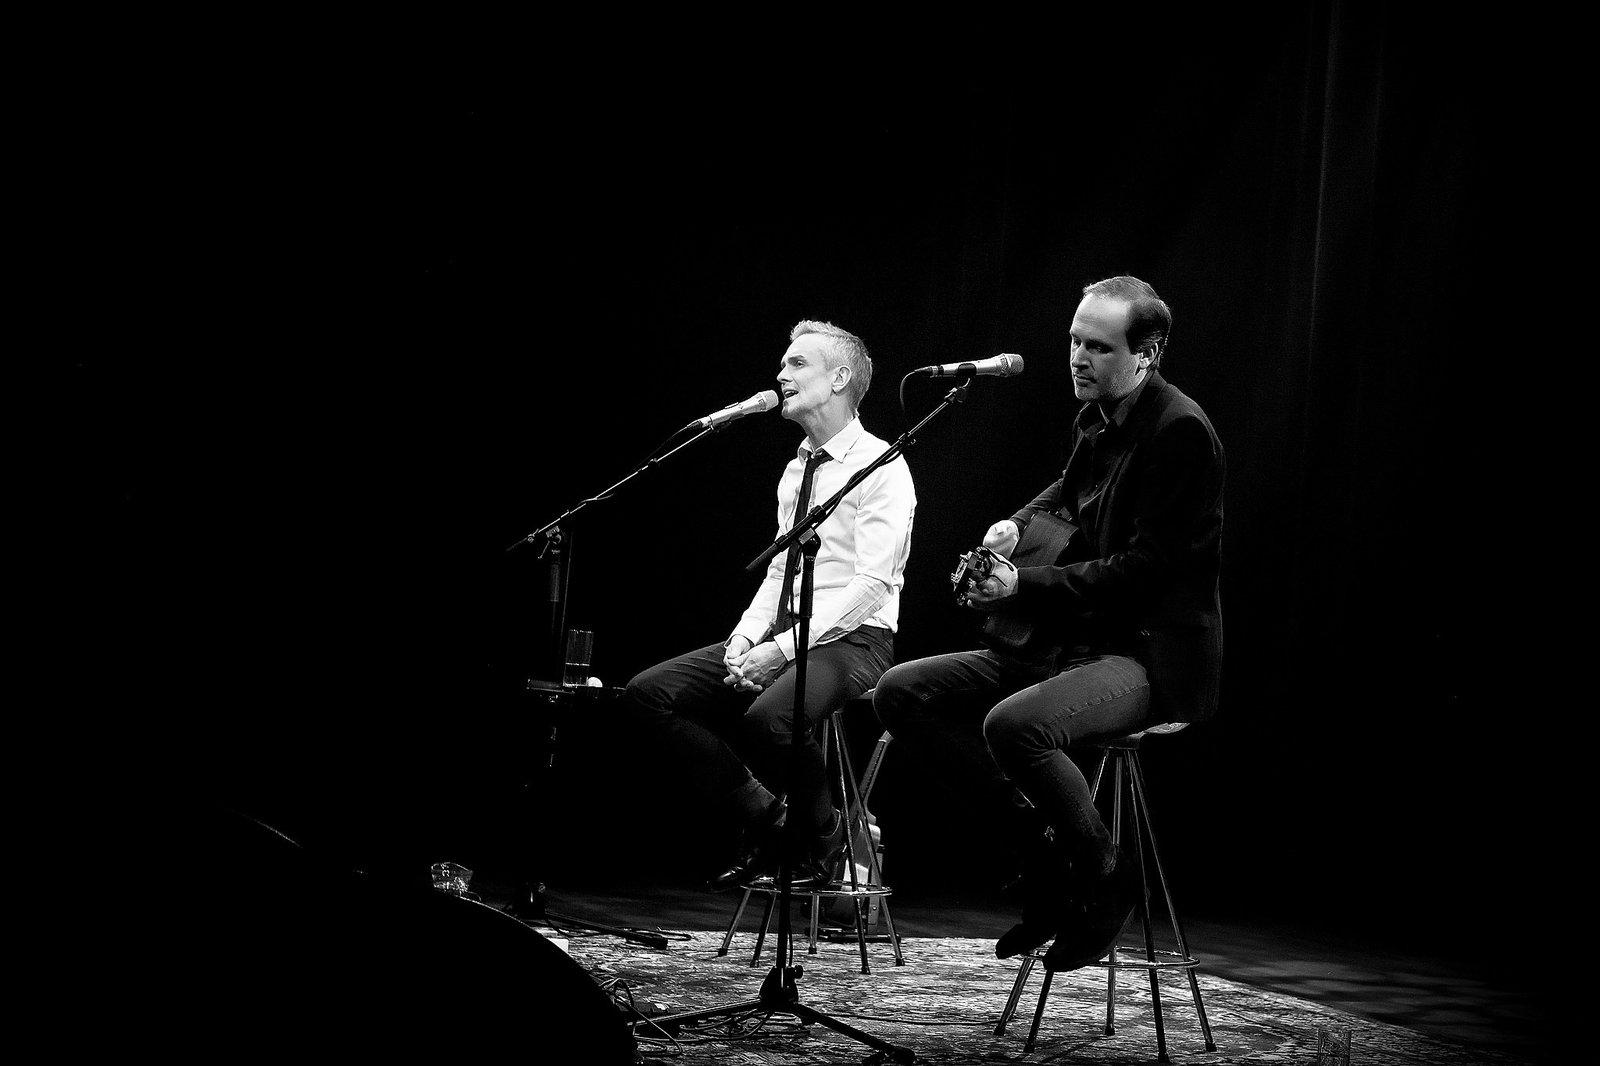 Jop Wijlacker & Dennis Kolen: Sounds of Silence @ Theater Idea